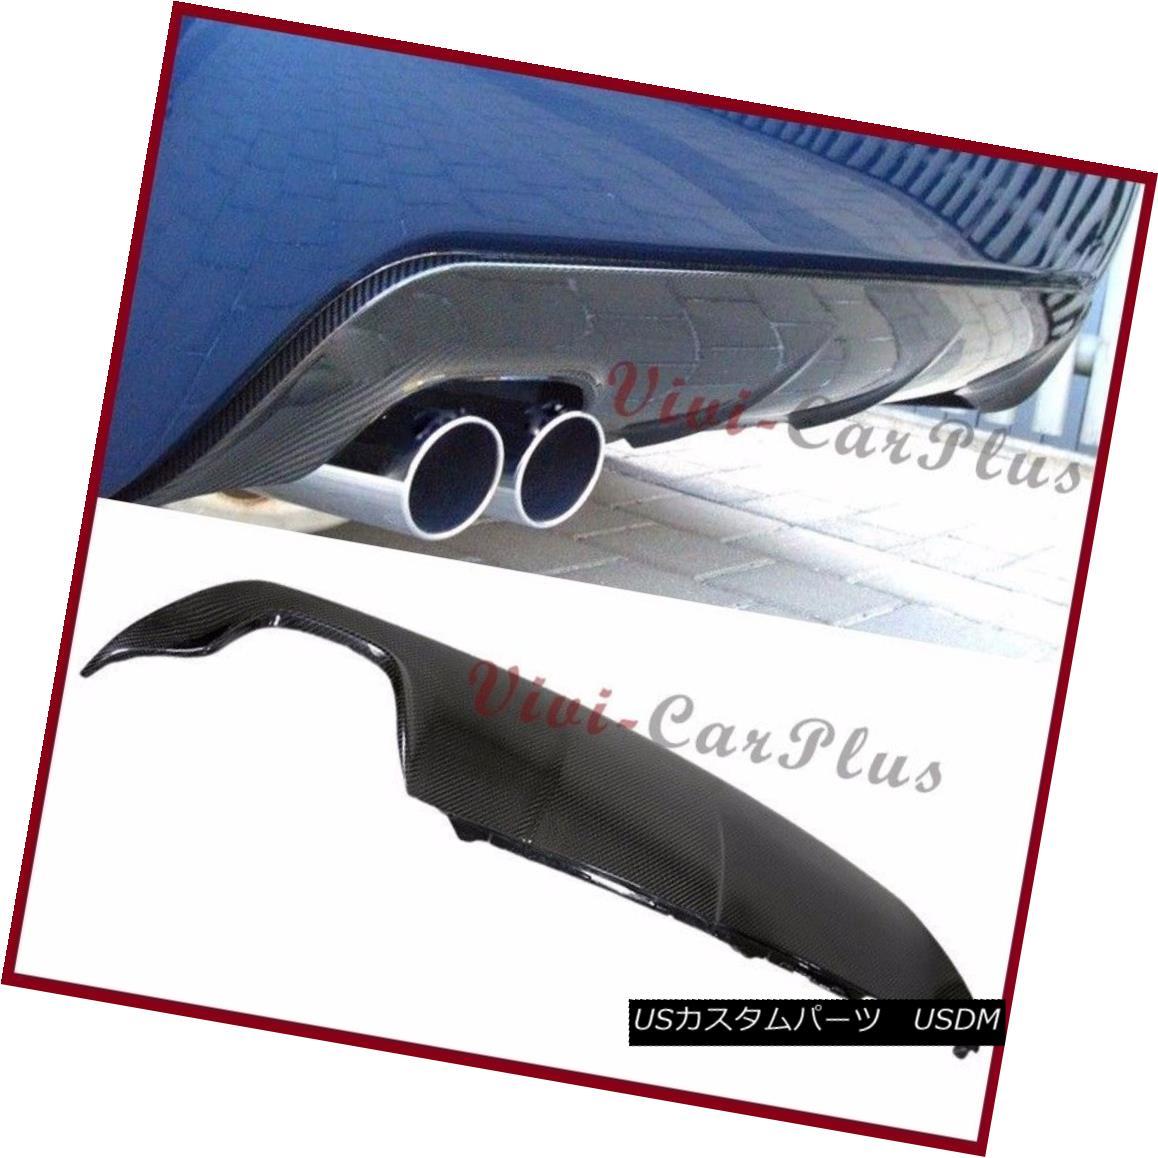 エアロパーツ 3D Look 3K Carbon Fiber Diffuser For BMW E60 04-10 535i 550i M Sport Rear Bumper BMW E60 04-10 535i 550i Mスポーツリアバンパー用3Dルック3K炭素繊維ディフューザー